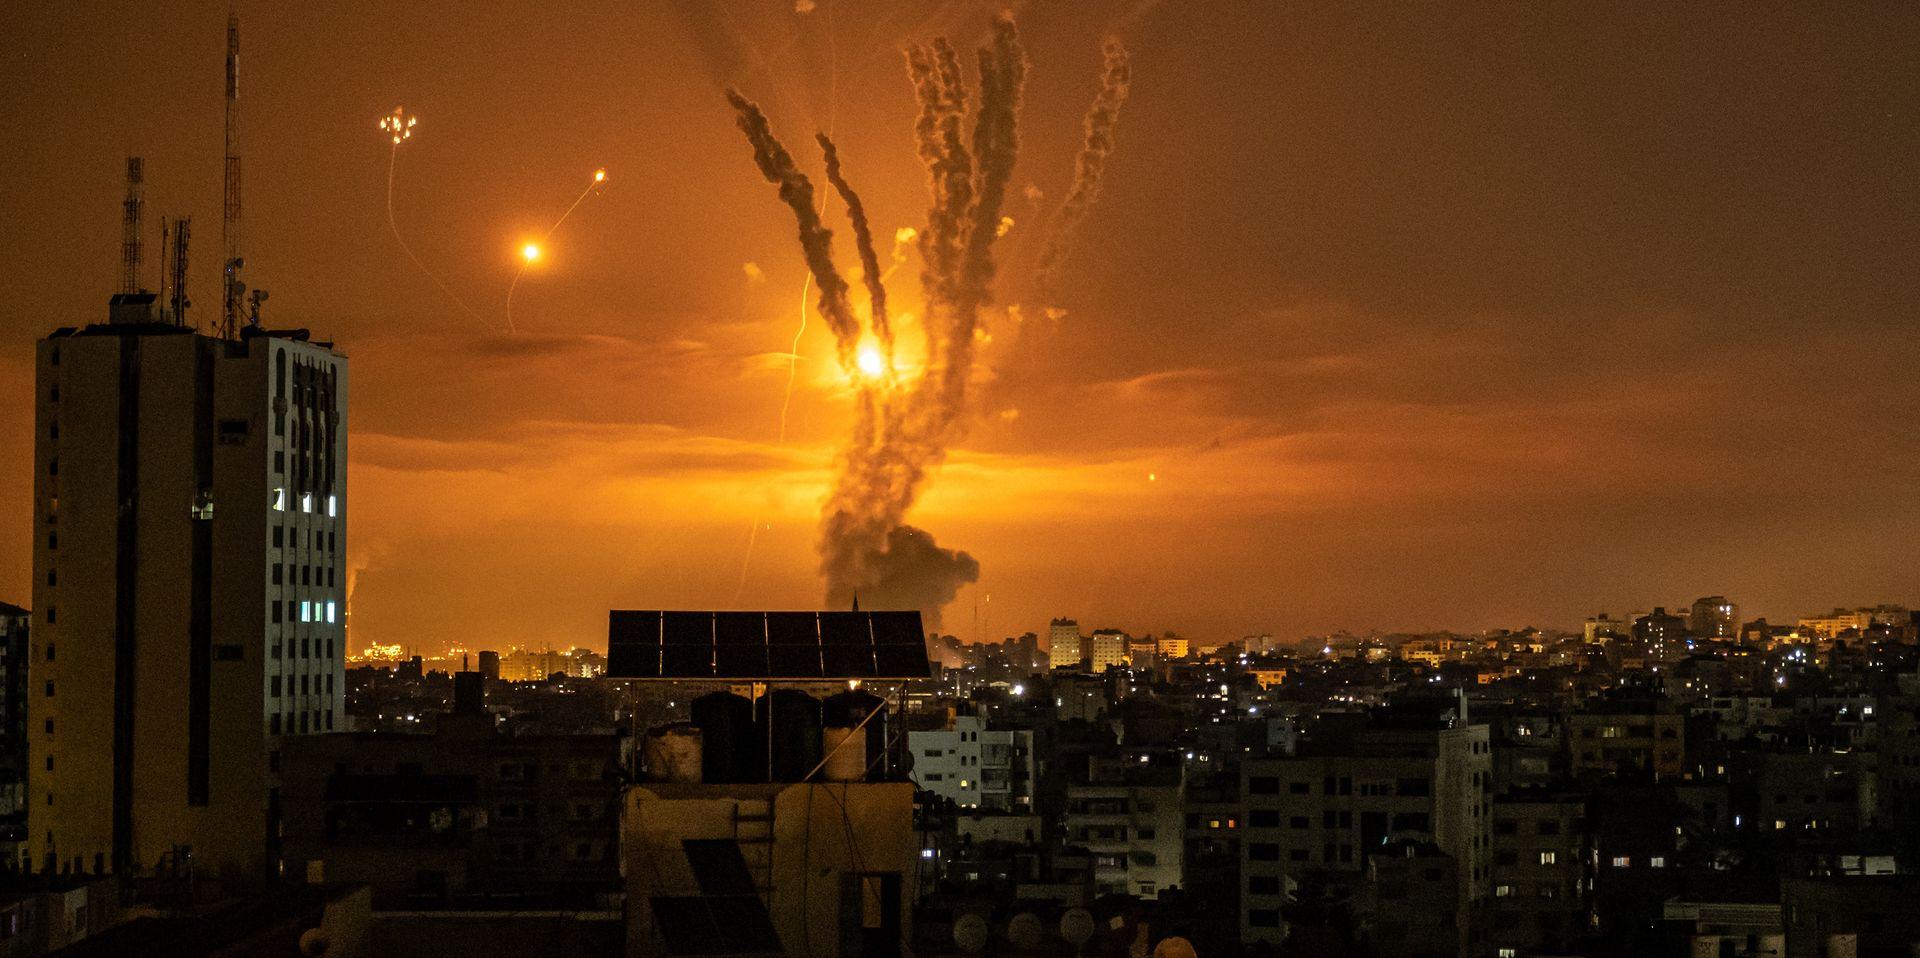 Rakiety wystrzelone z terytorium Strefy Gazy napotykają na antyrakiety Żelaznej Kopuły - systemu obronnego Izraela, 14.05.2021 r.